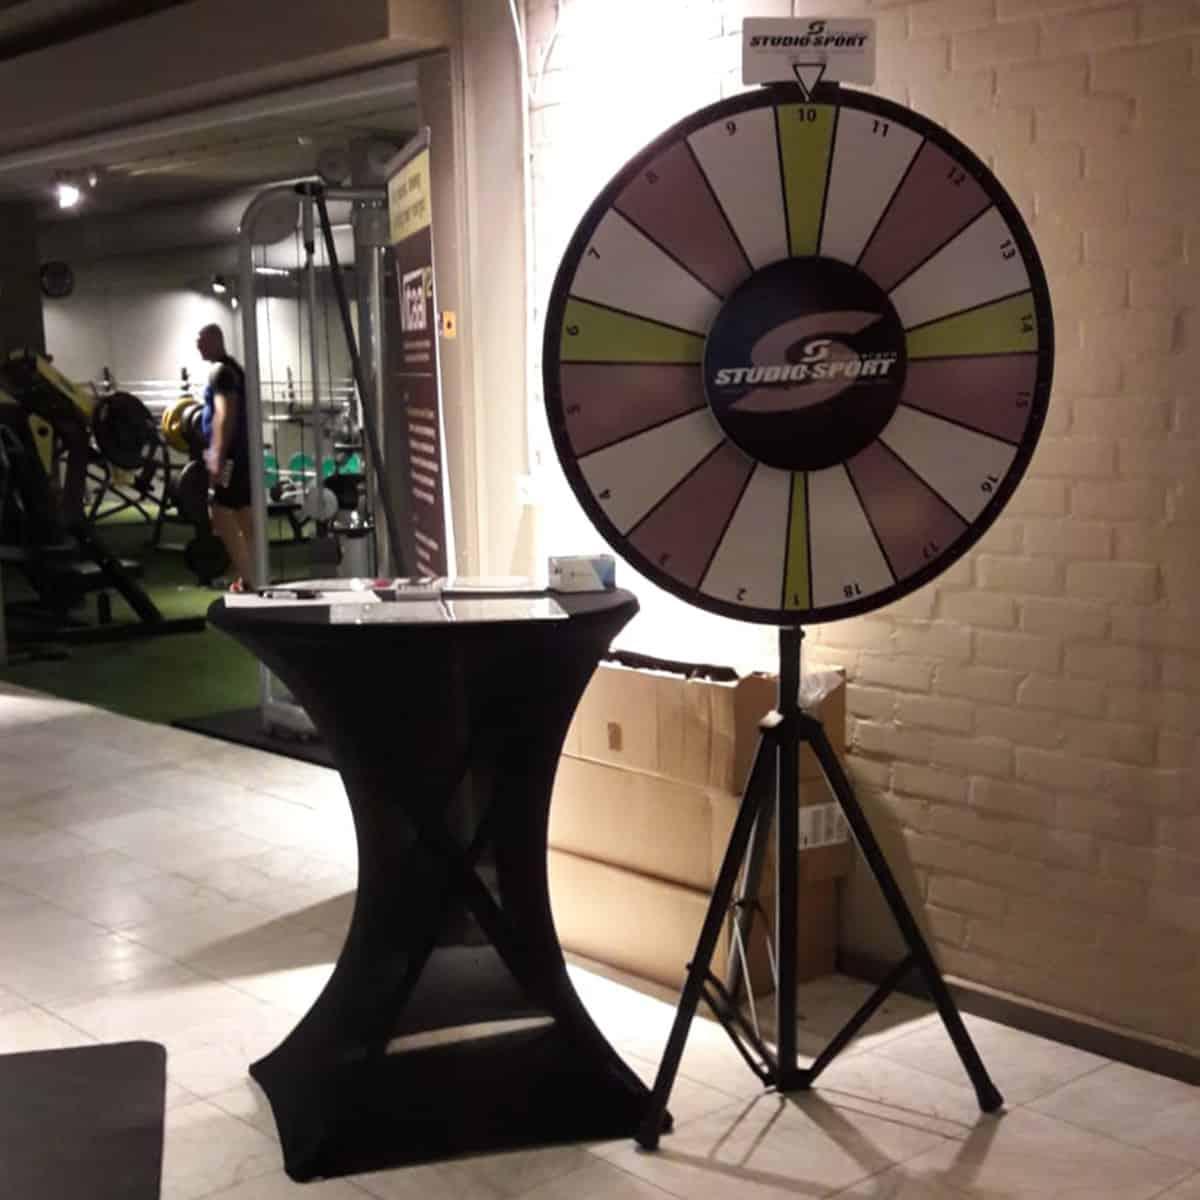 studiosport-tubbergen-huisstijl-drukwerk-prijzenrad-burobedenkt2